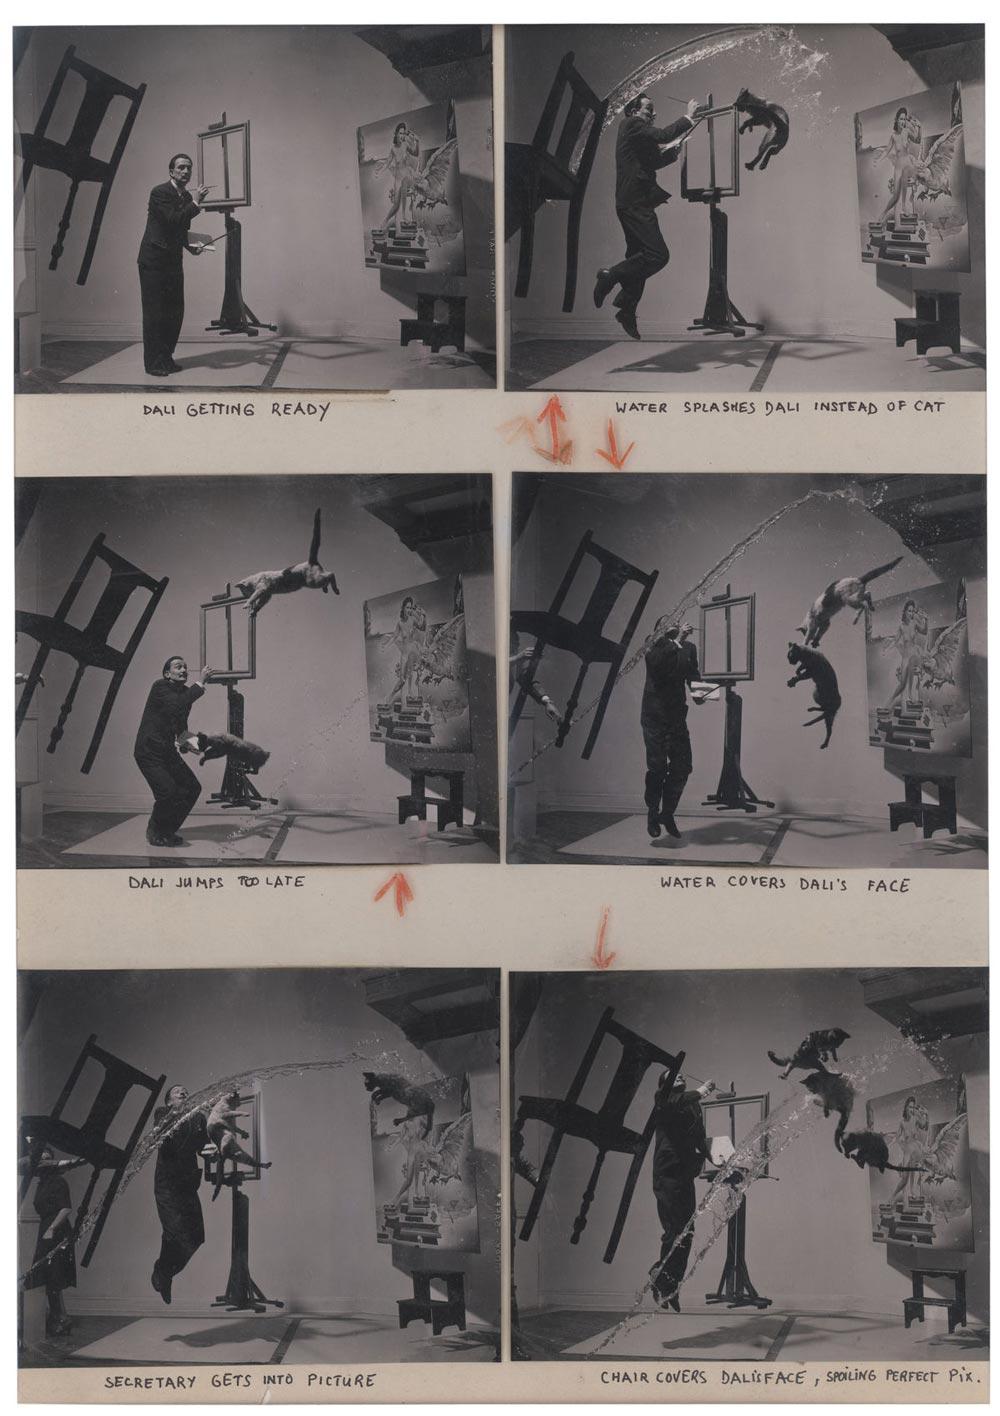 Dalí Atomicus o la fotografía de Dalí y los gatos voladores